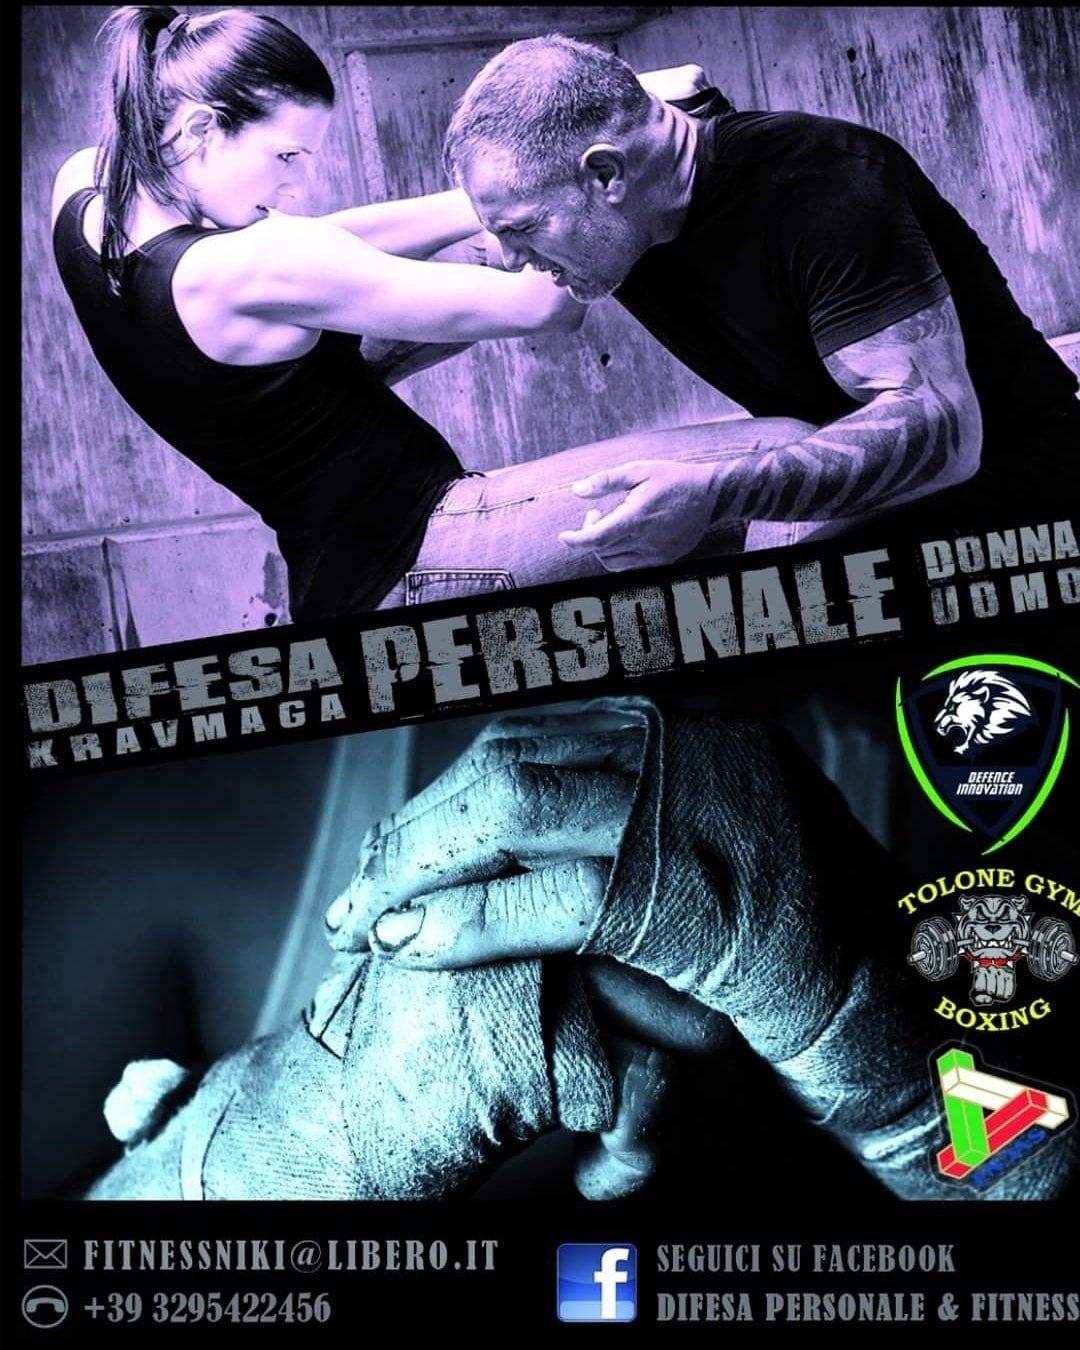 Self Defence - Sistemi di Combattimento Israeliano - Kick Boxing: si riparte!